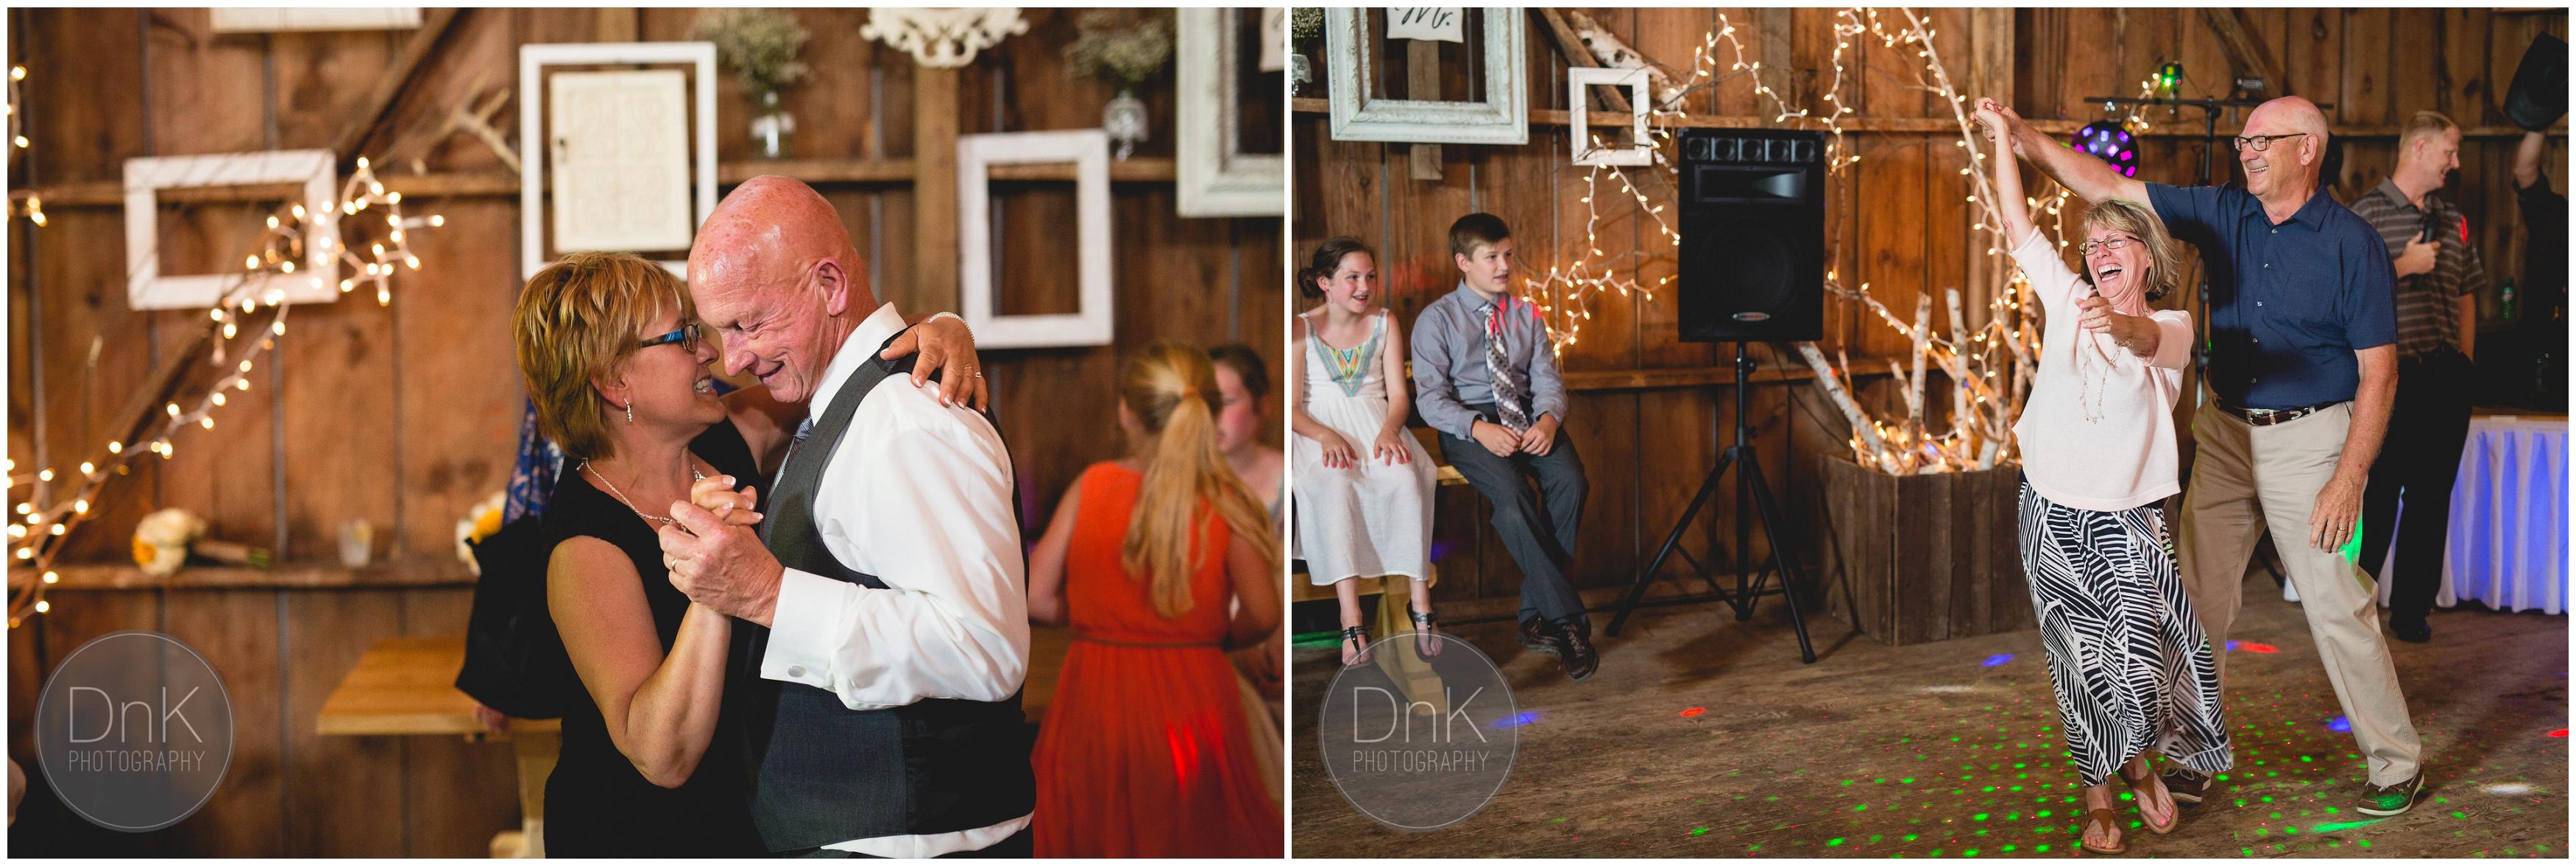 39- Dellwood Barn Wedding Reception